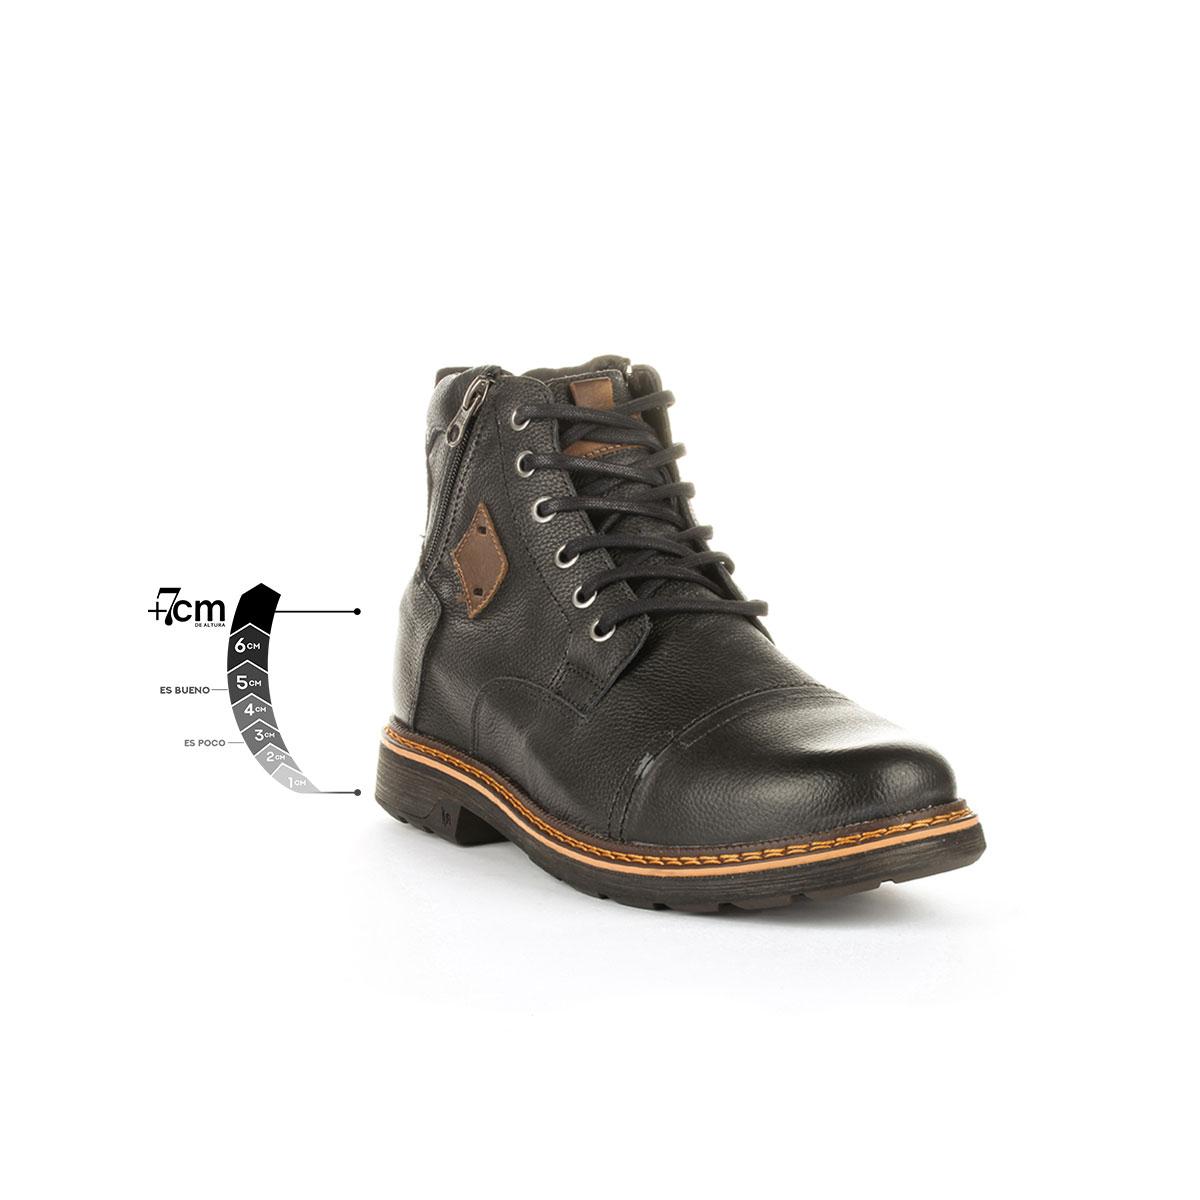 Botín Highlander Negro Max Denegri +7cms de Altura._76282